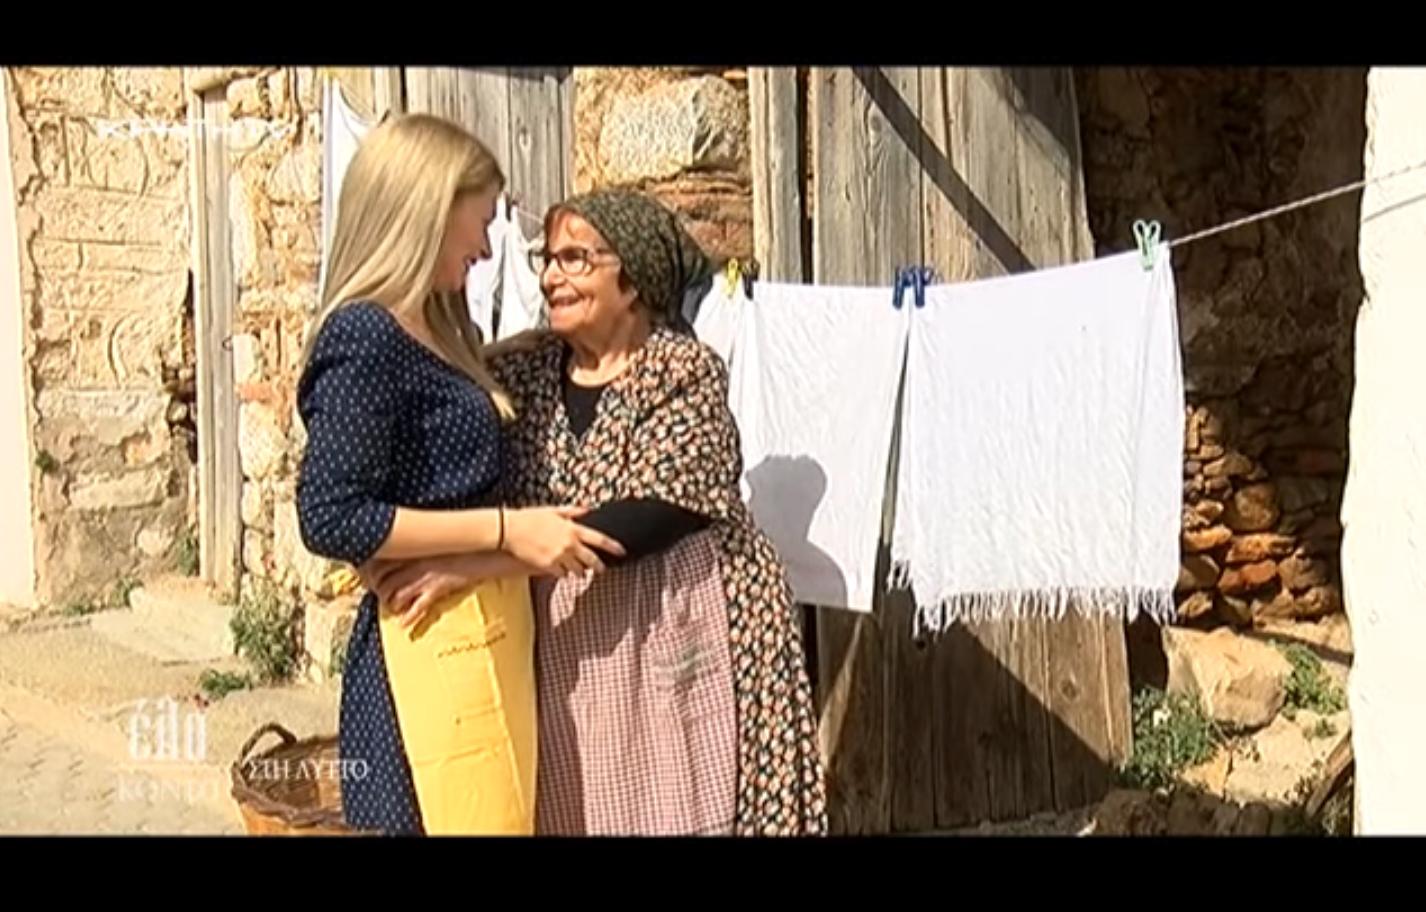 Η μπουγάδα όπως την κάνανε οι γιαγιάδες μας